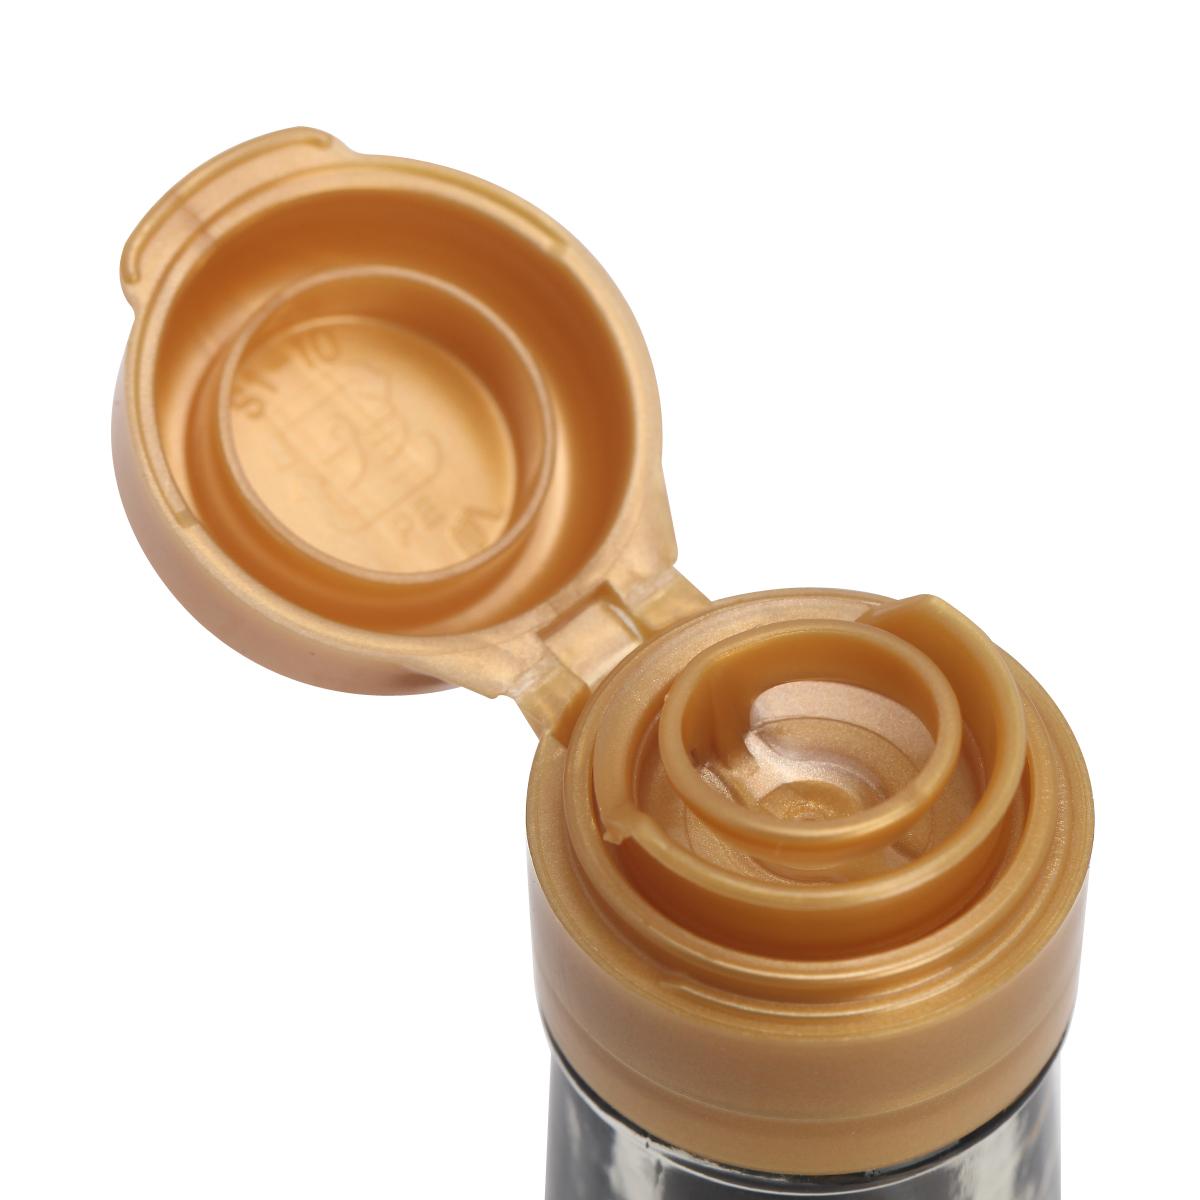 良品RH进口香醇调味汁酱油 儿童宝宝酱油 调味品日本酱油